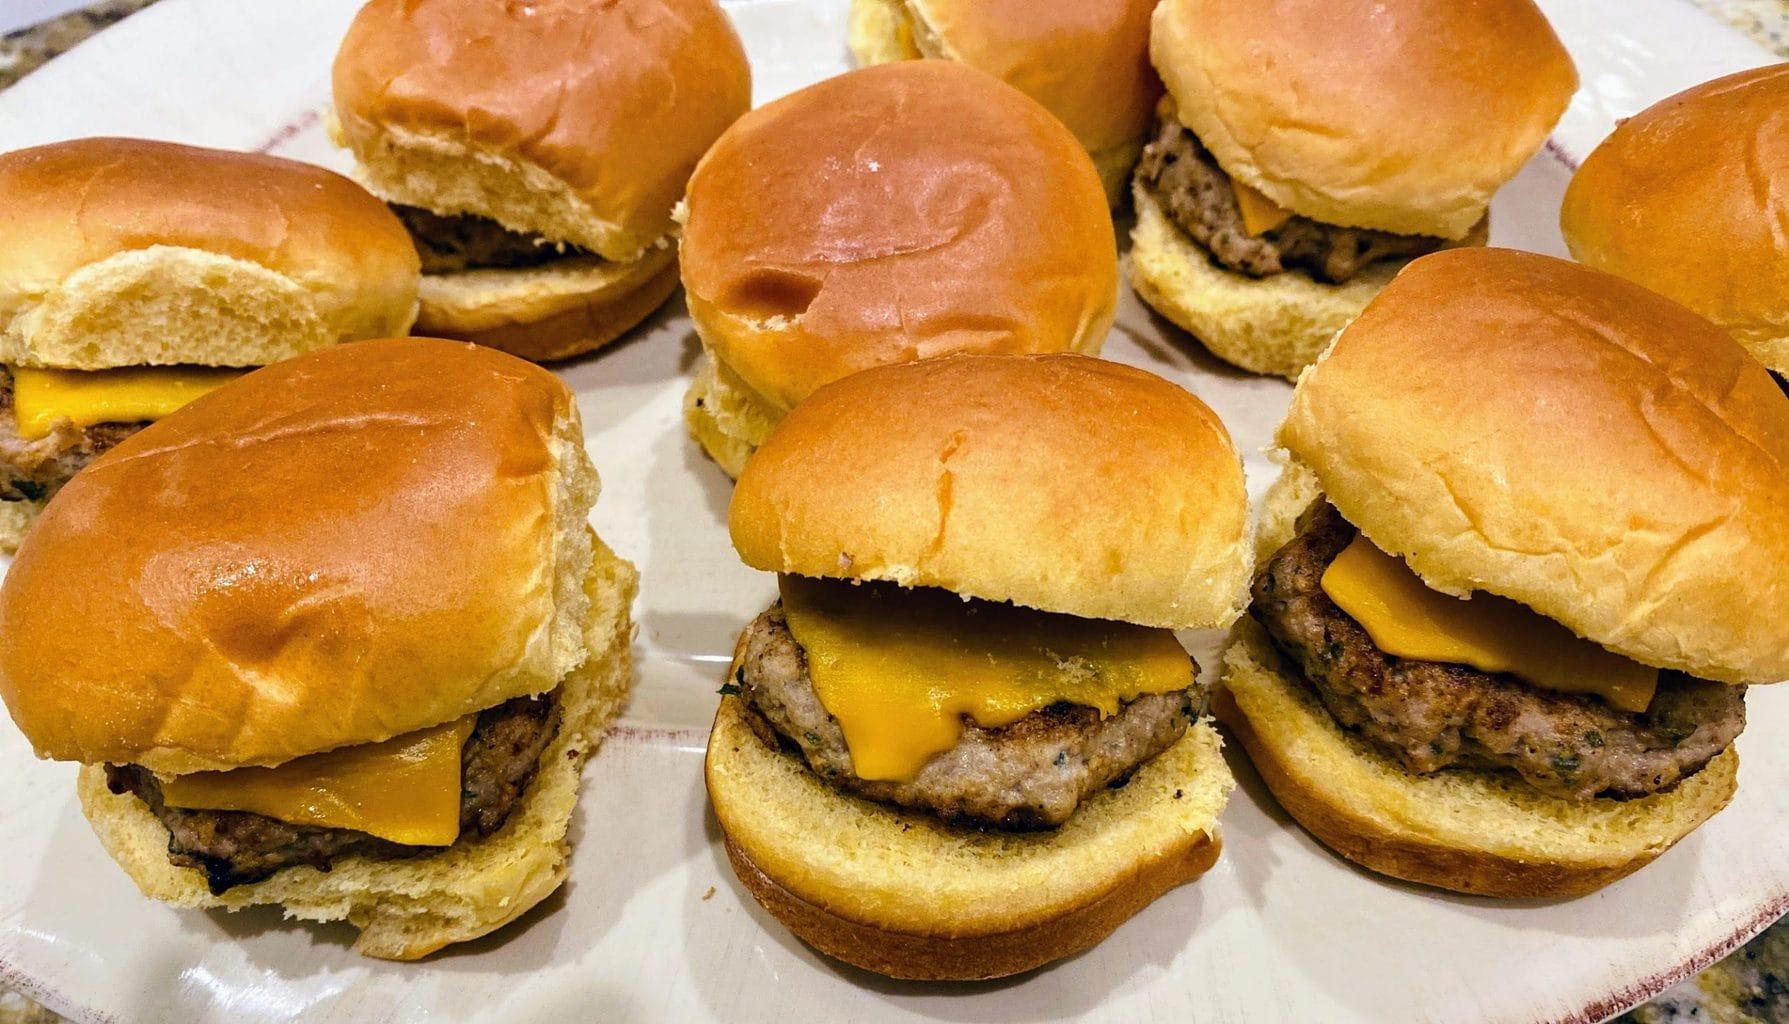 several mini turkey burgers on plate